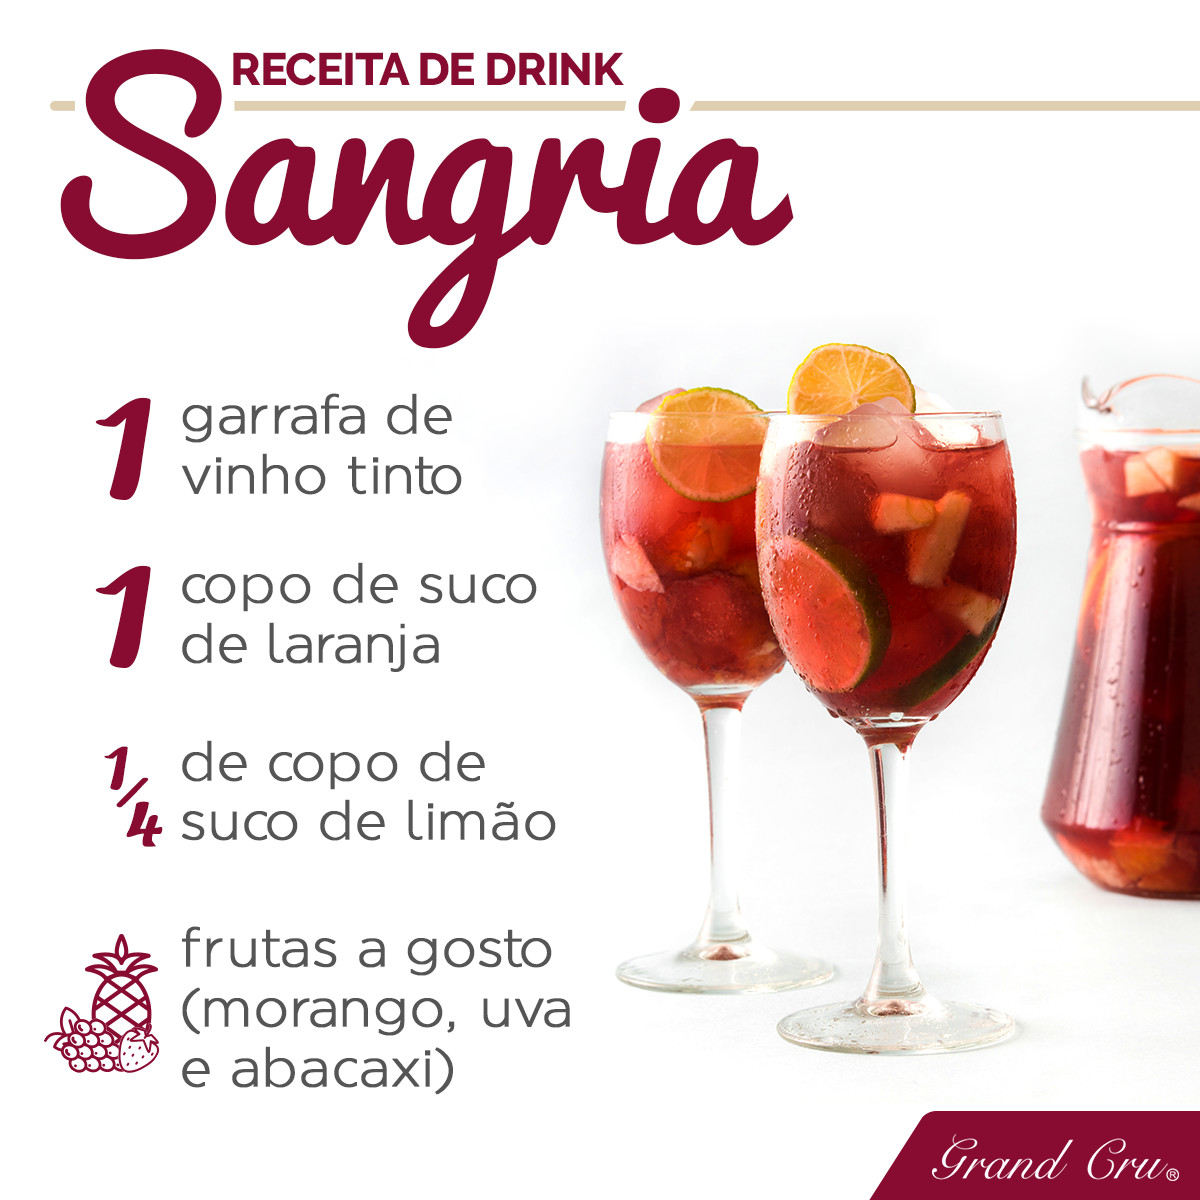 sangria-receita-drink-vinho-facebook